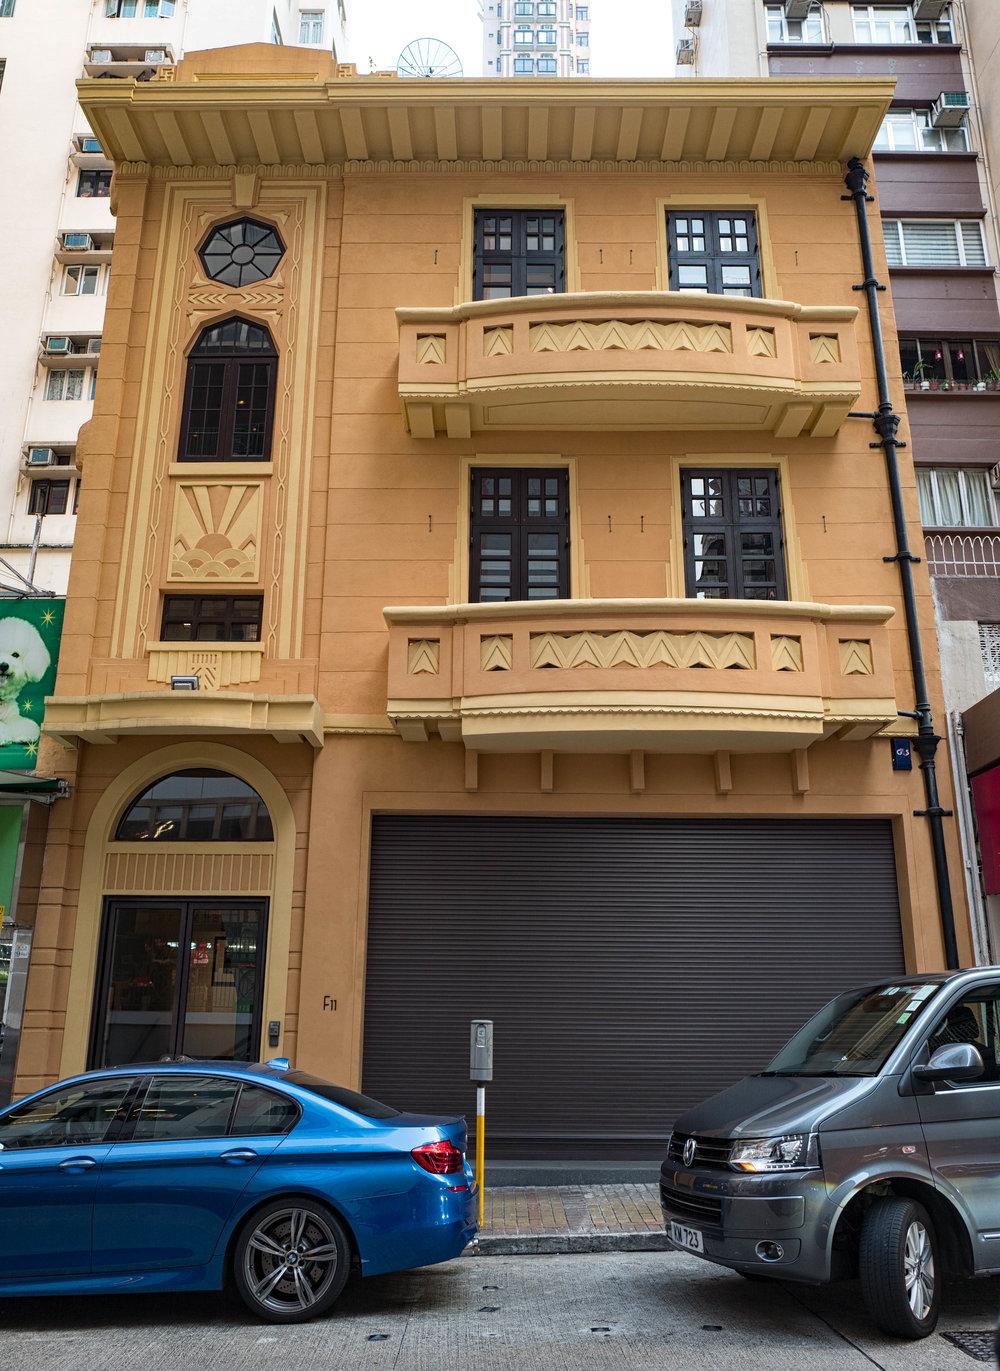 No. 11 Yuk Sau Street (Mike Evans, Leica Q)